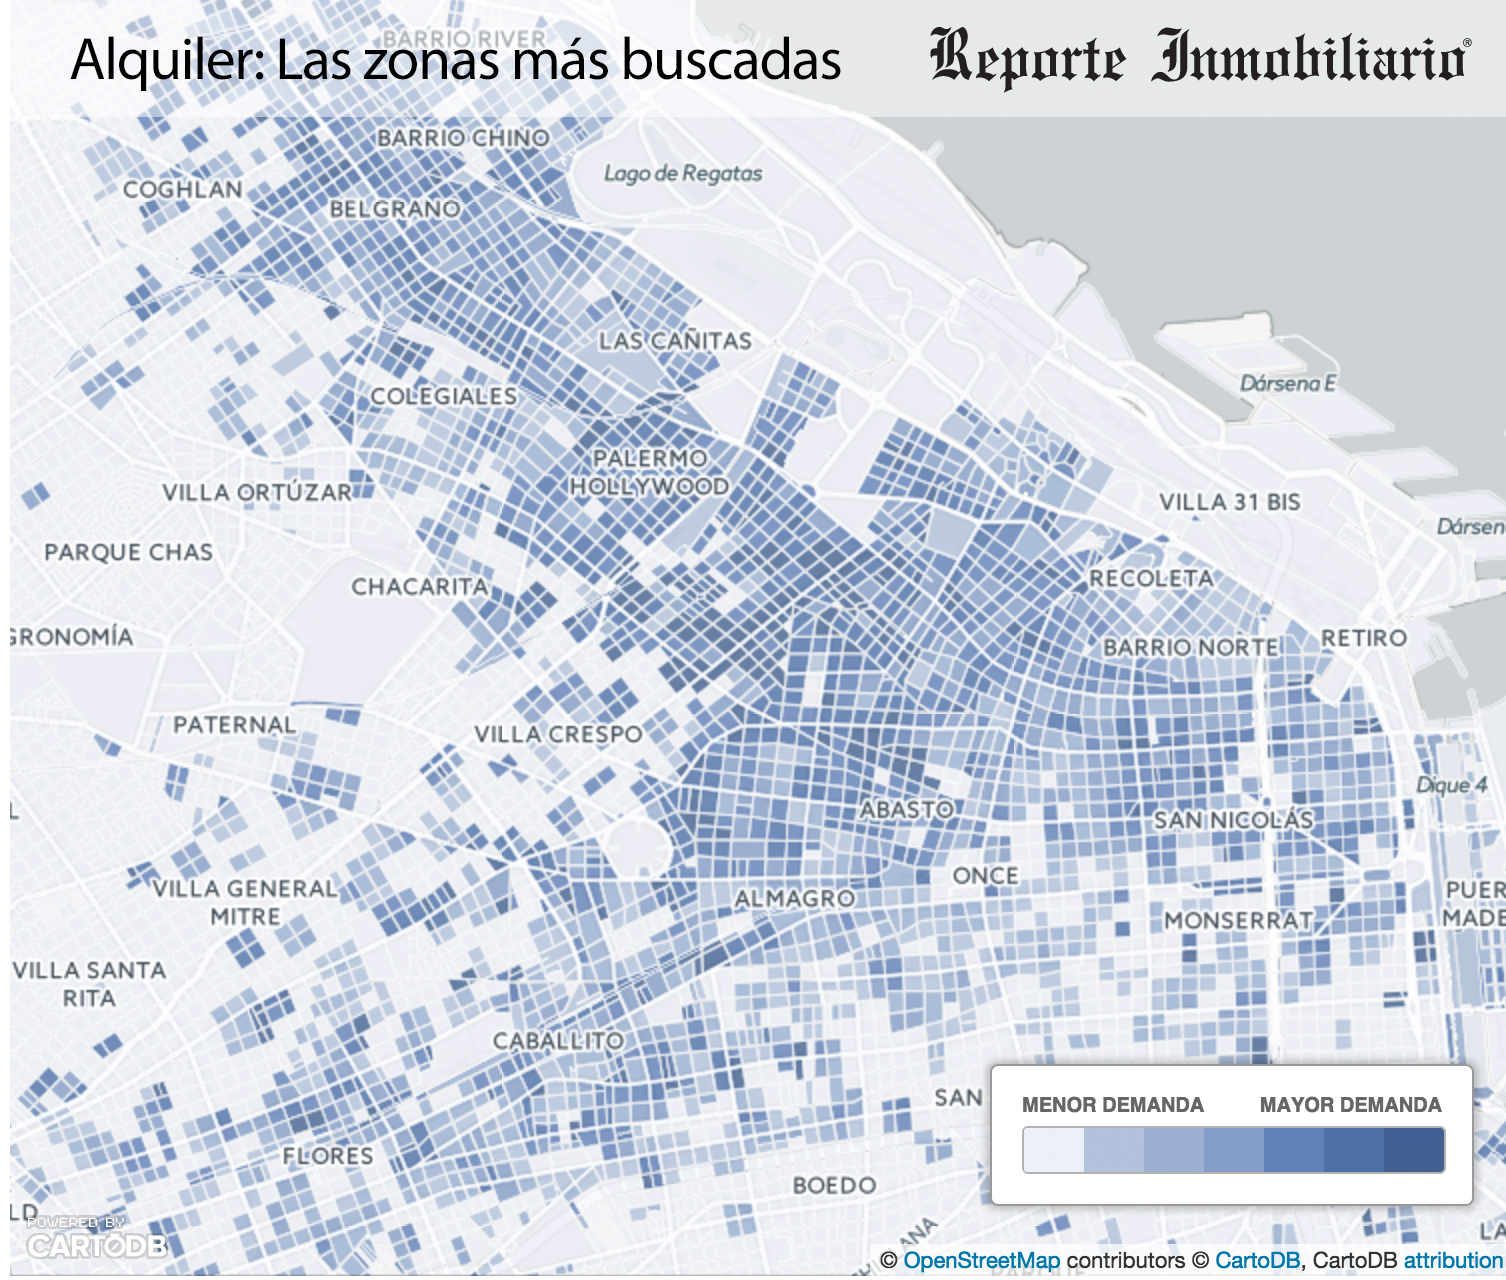 Resumen 2015 - Las zonas mas buscadas para Alquilar departamentos